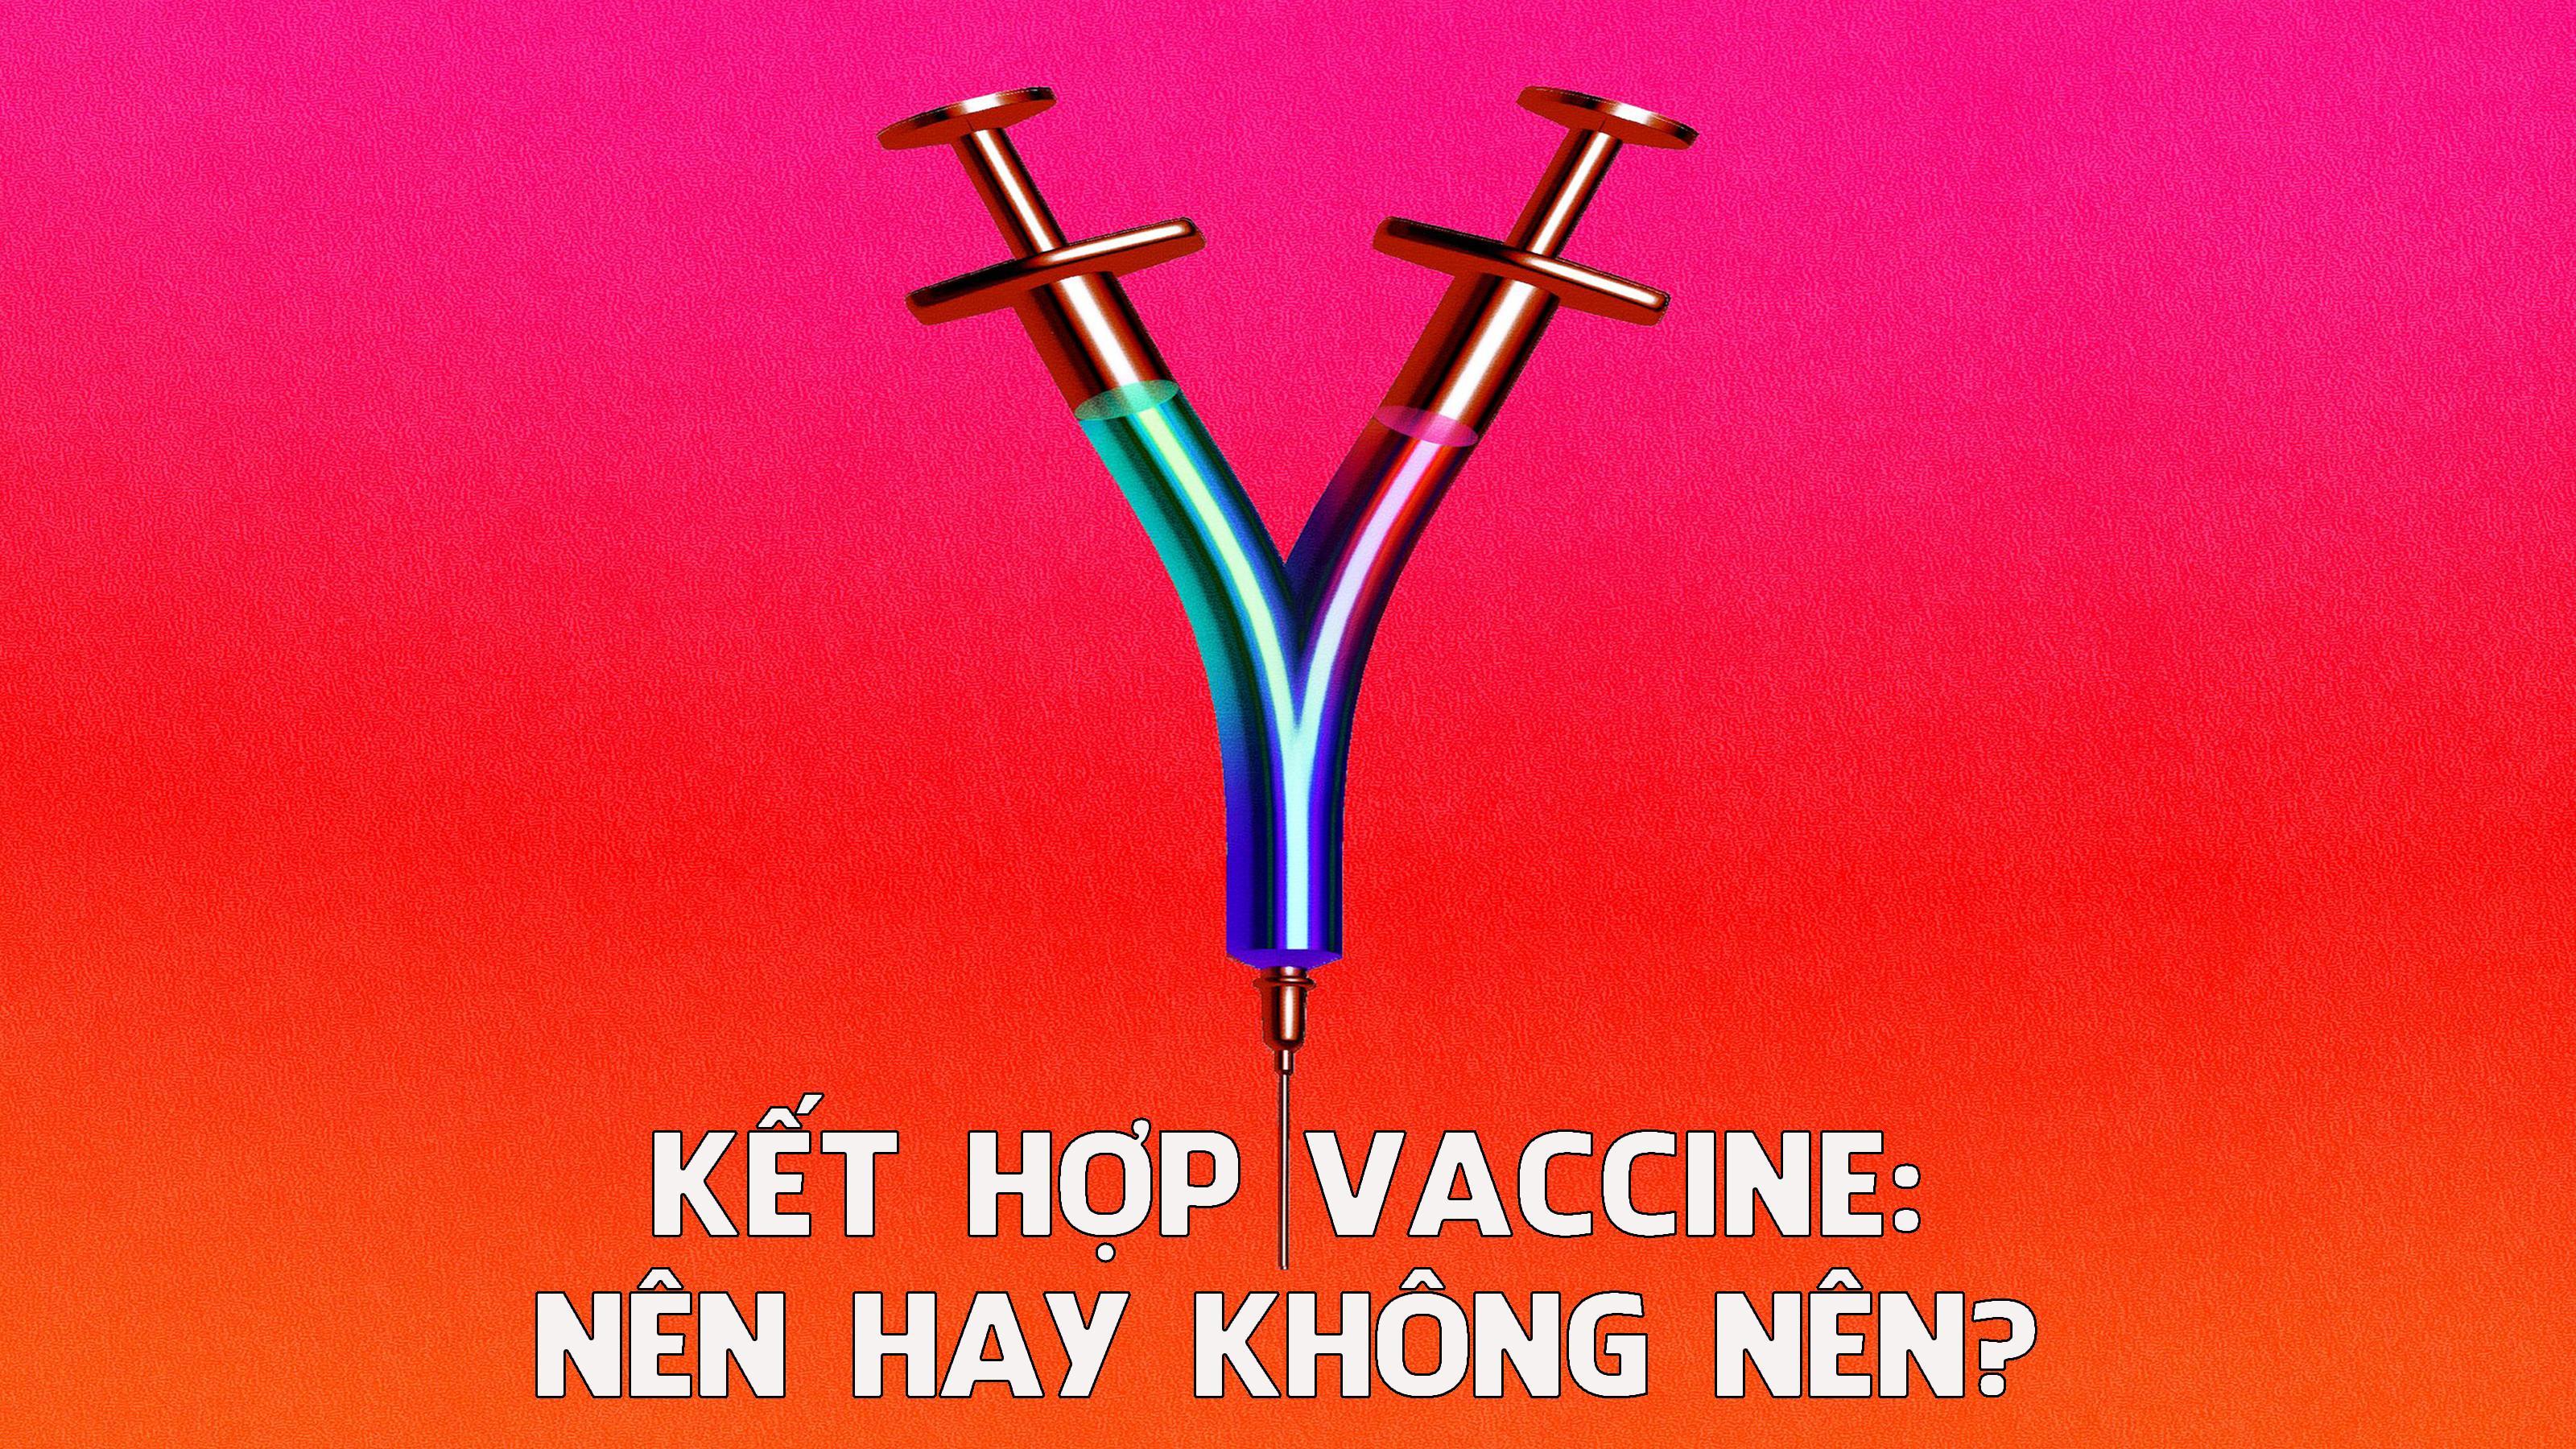 Kết hợp vaccine: Nên hay không nên?